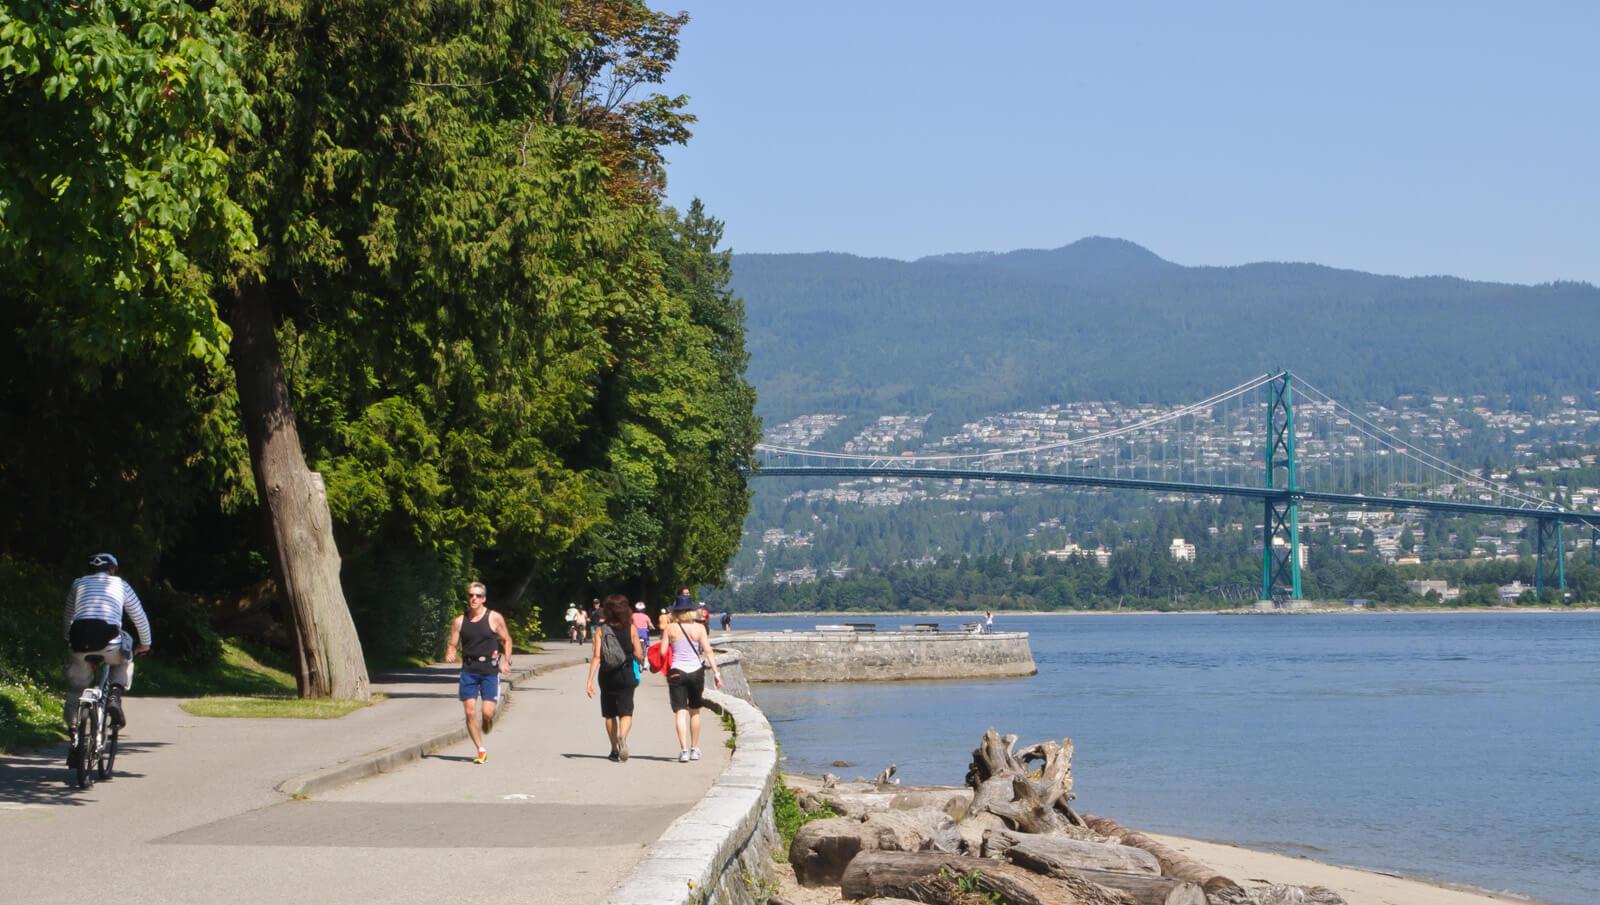 Guia de viagem - Stanley Park em Vancouver. Foto: InSapphoWeTrust